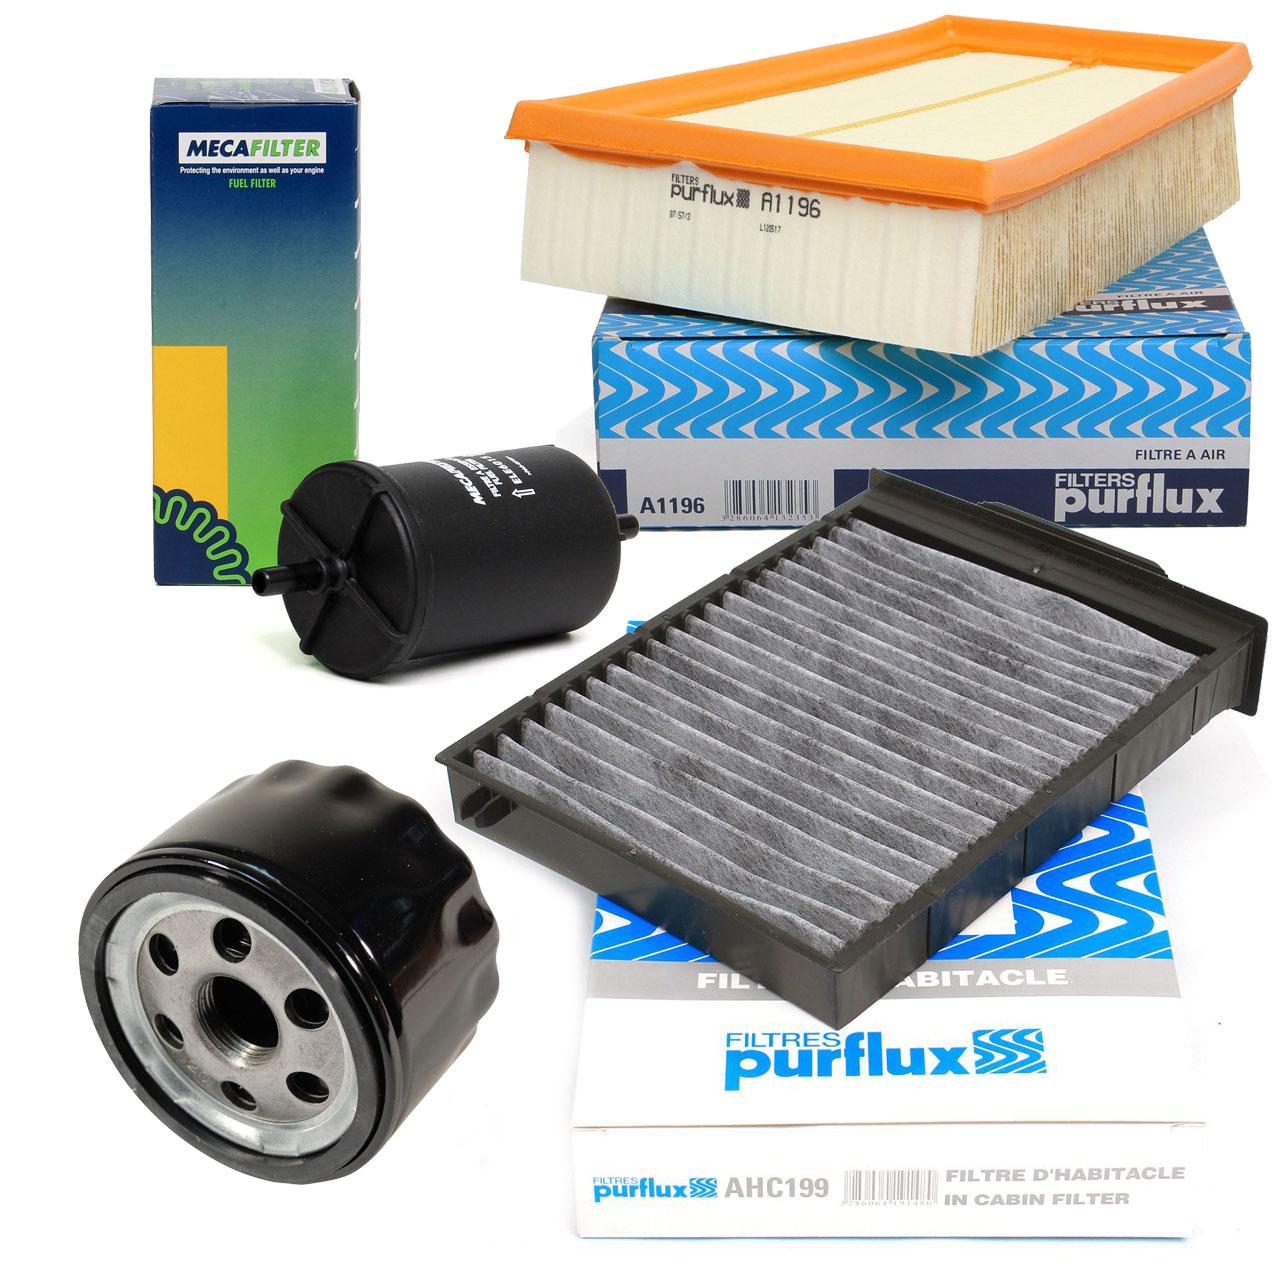 Inspektionskit Filterpaket Filterset für Renault Megane II 2.0/16V 135-230 PS